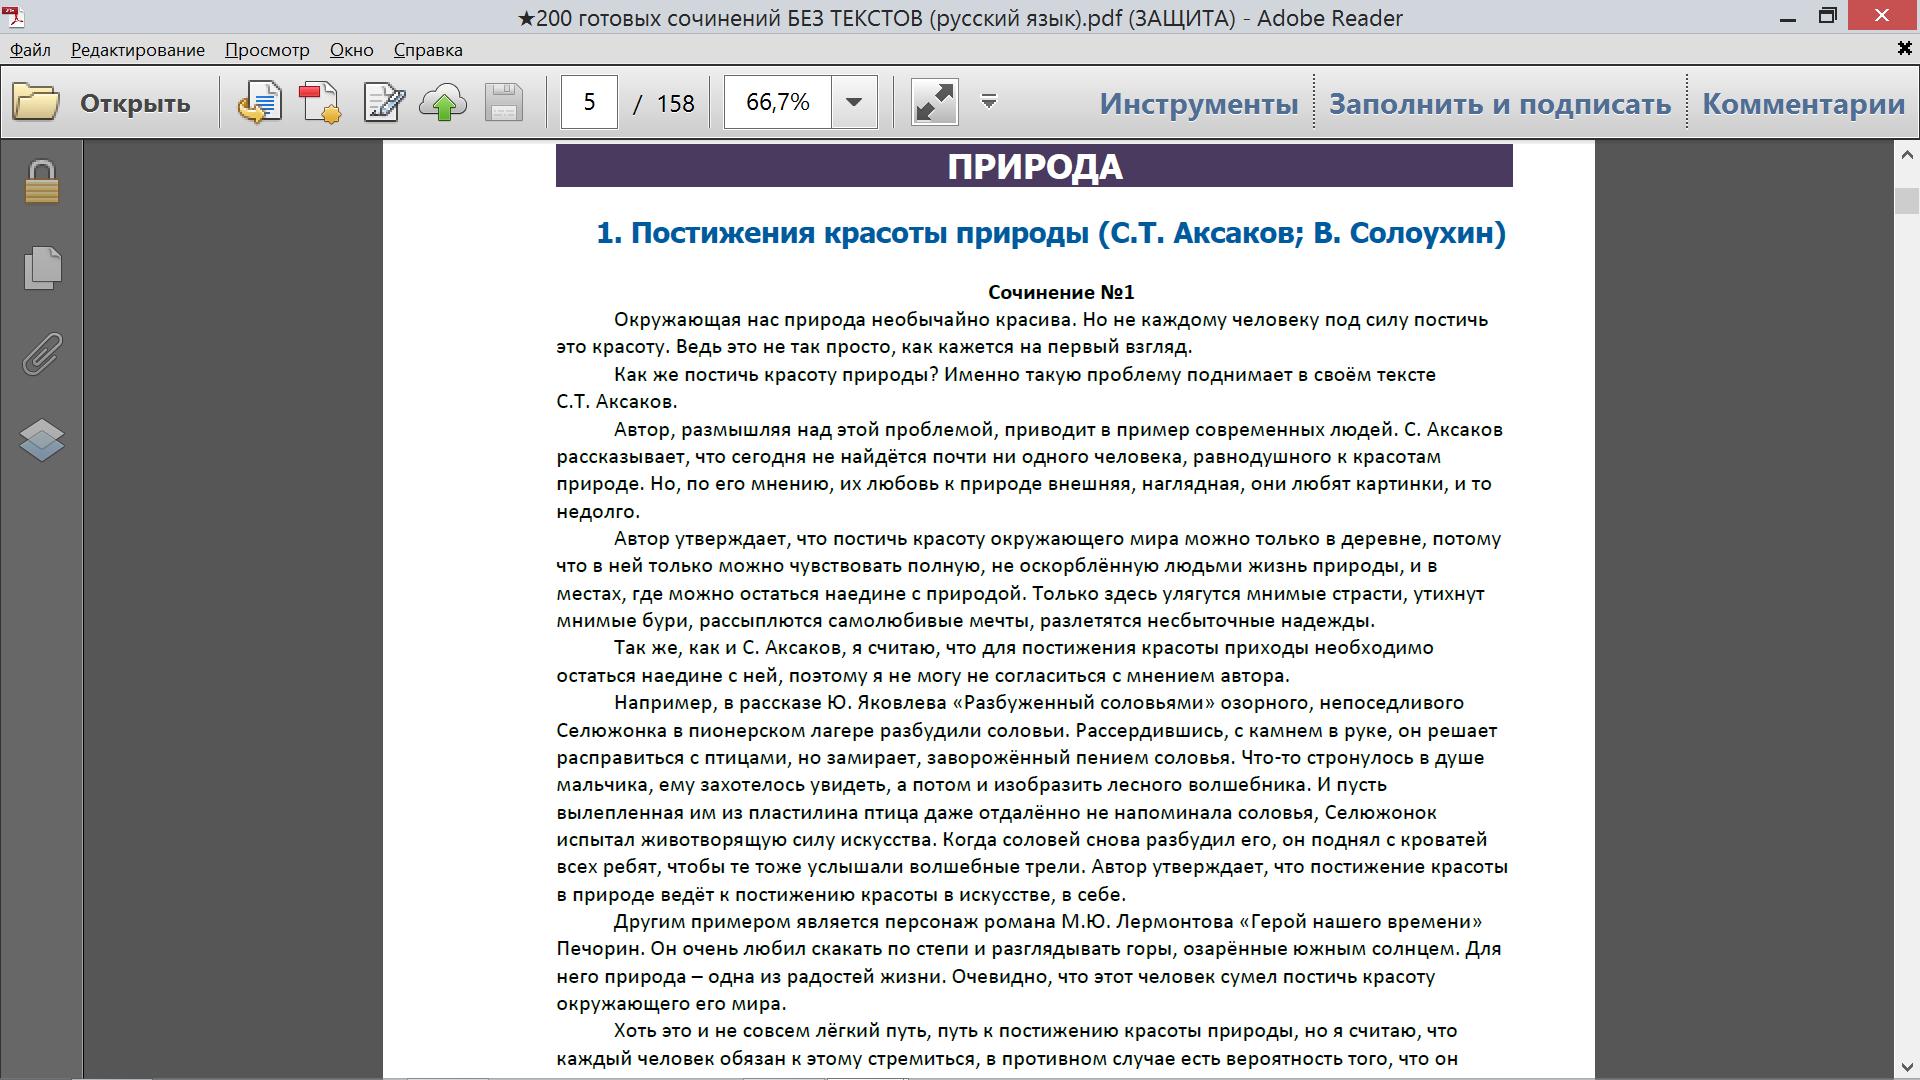 Подготовка к ЕГЭ по русскому языку: методика и технологии. Как